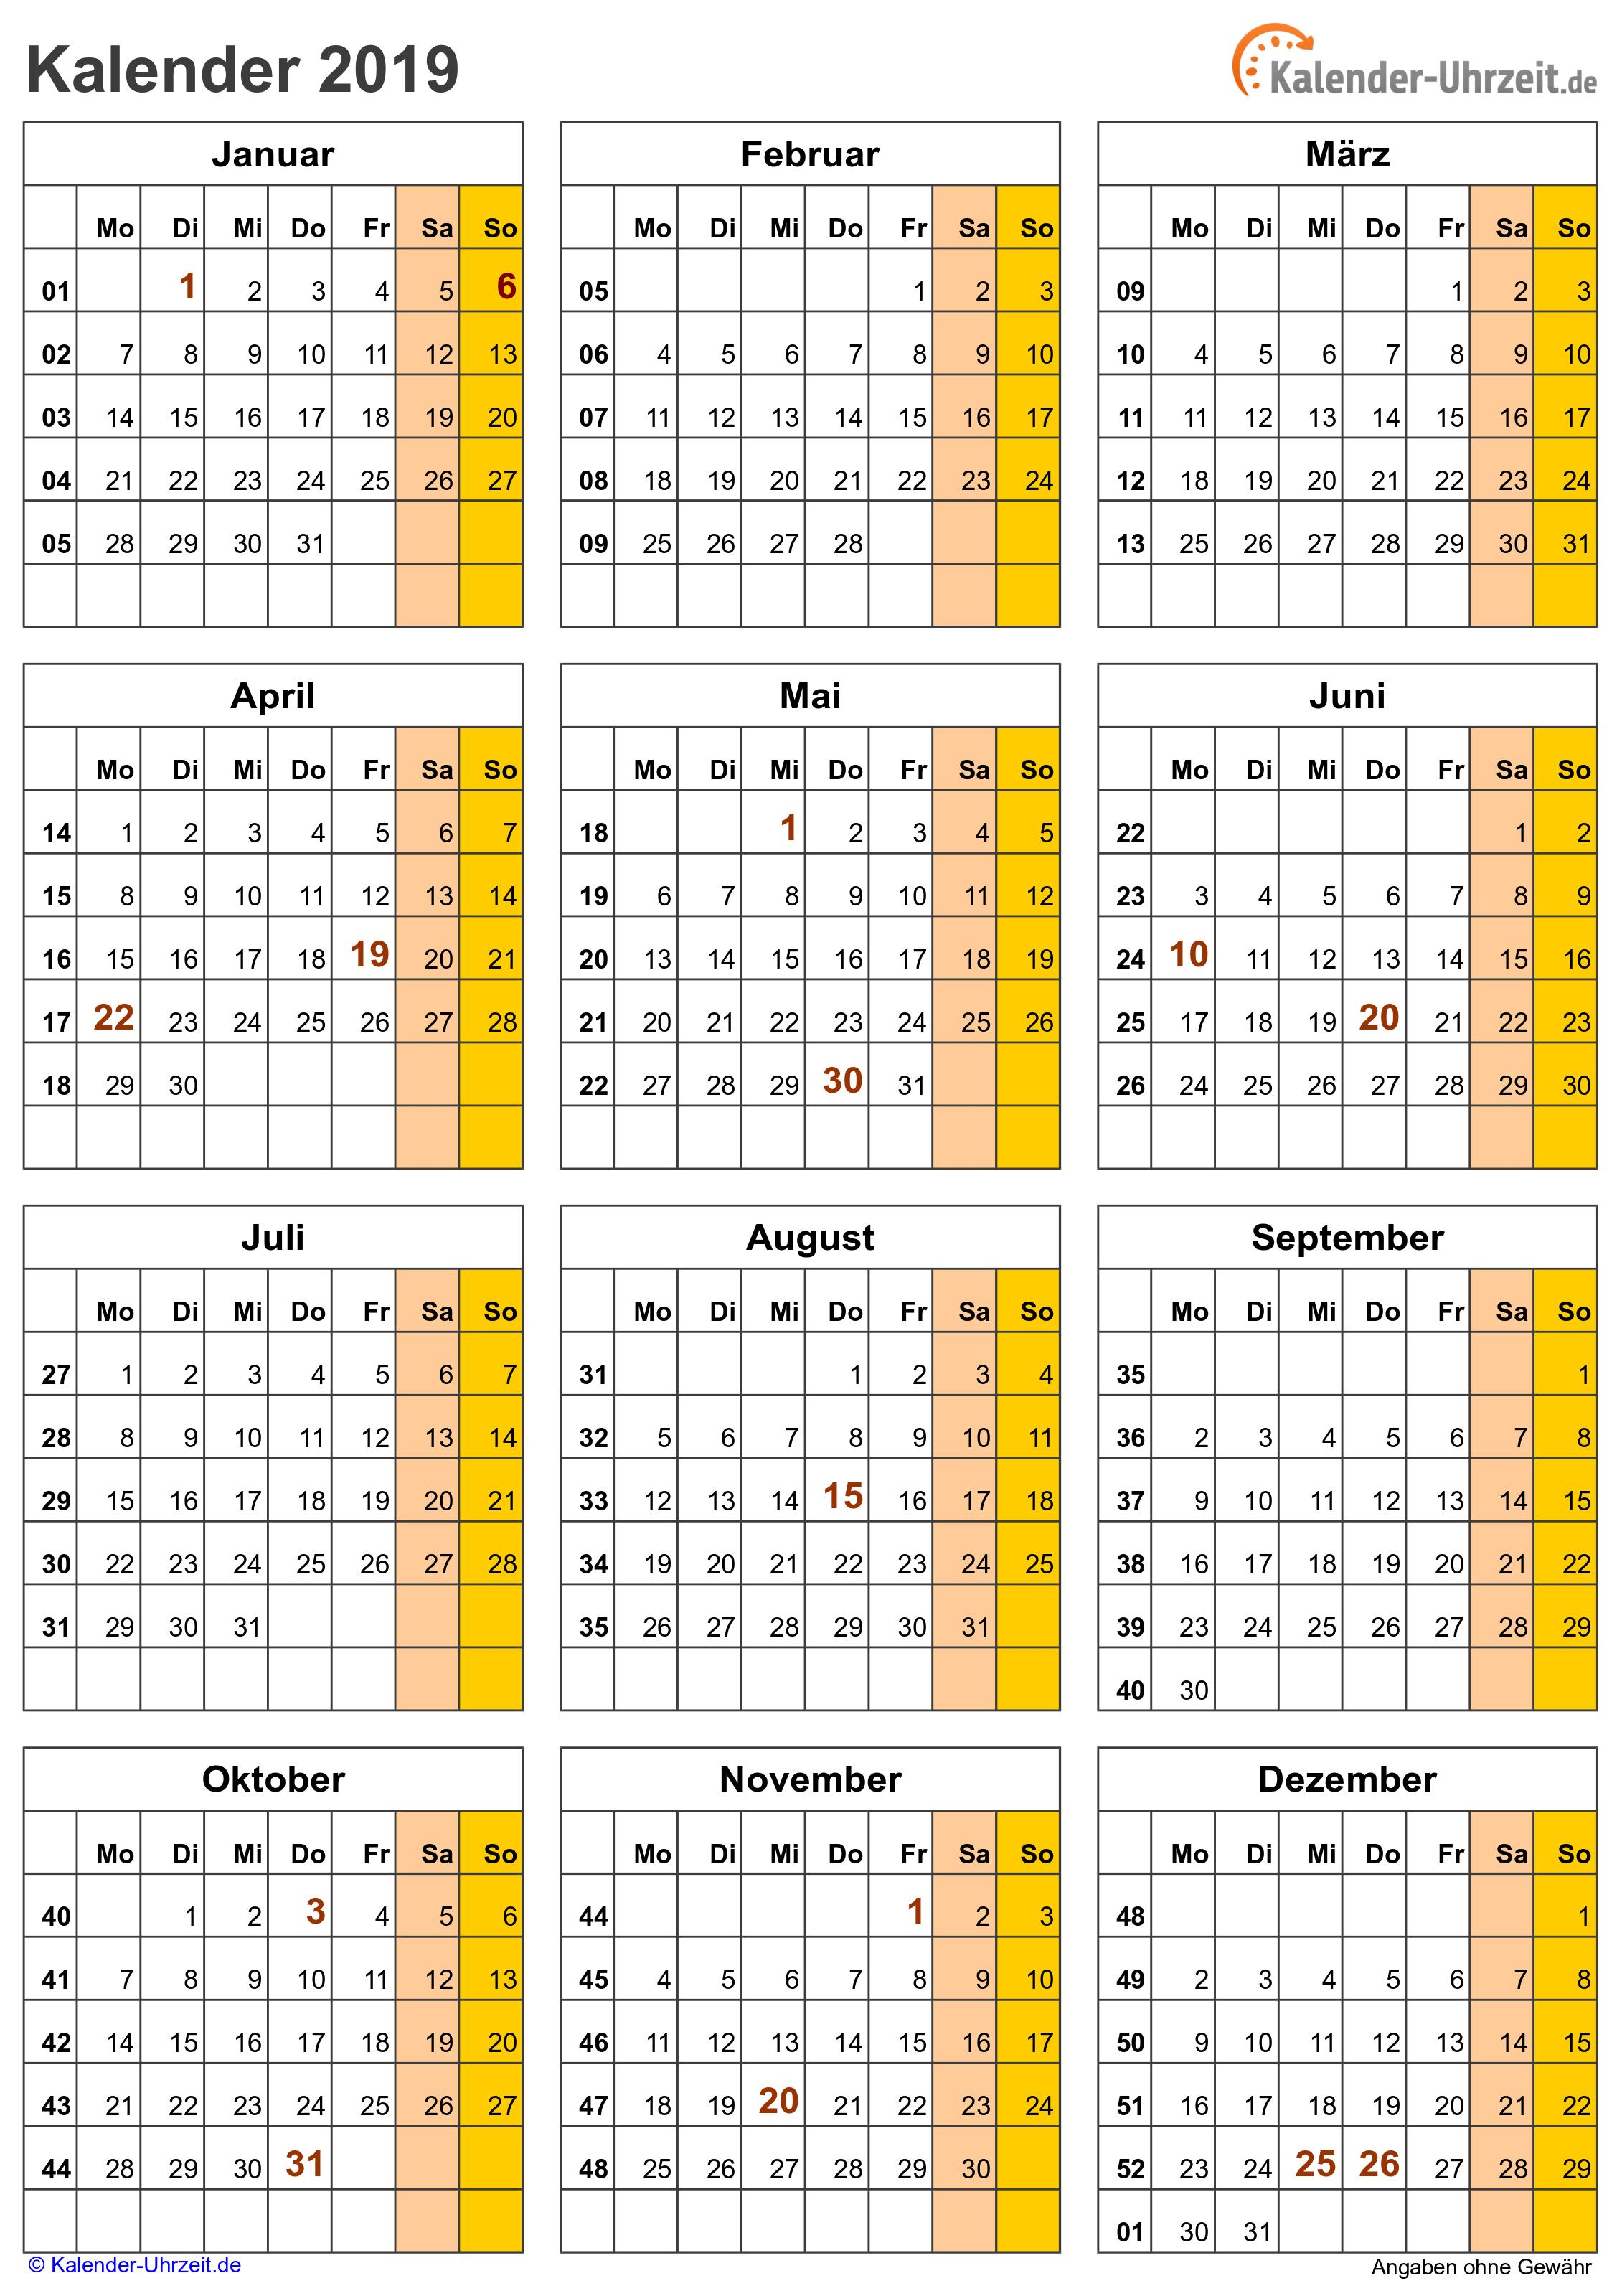 Kalender 2019 zum Ausdrucken. Gratis Vorlagen zum Download ...